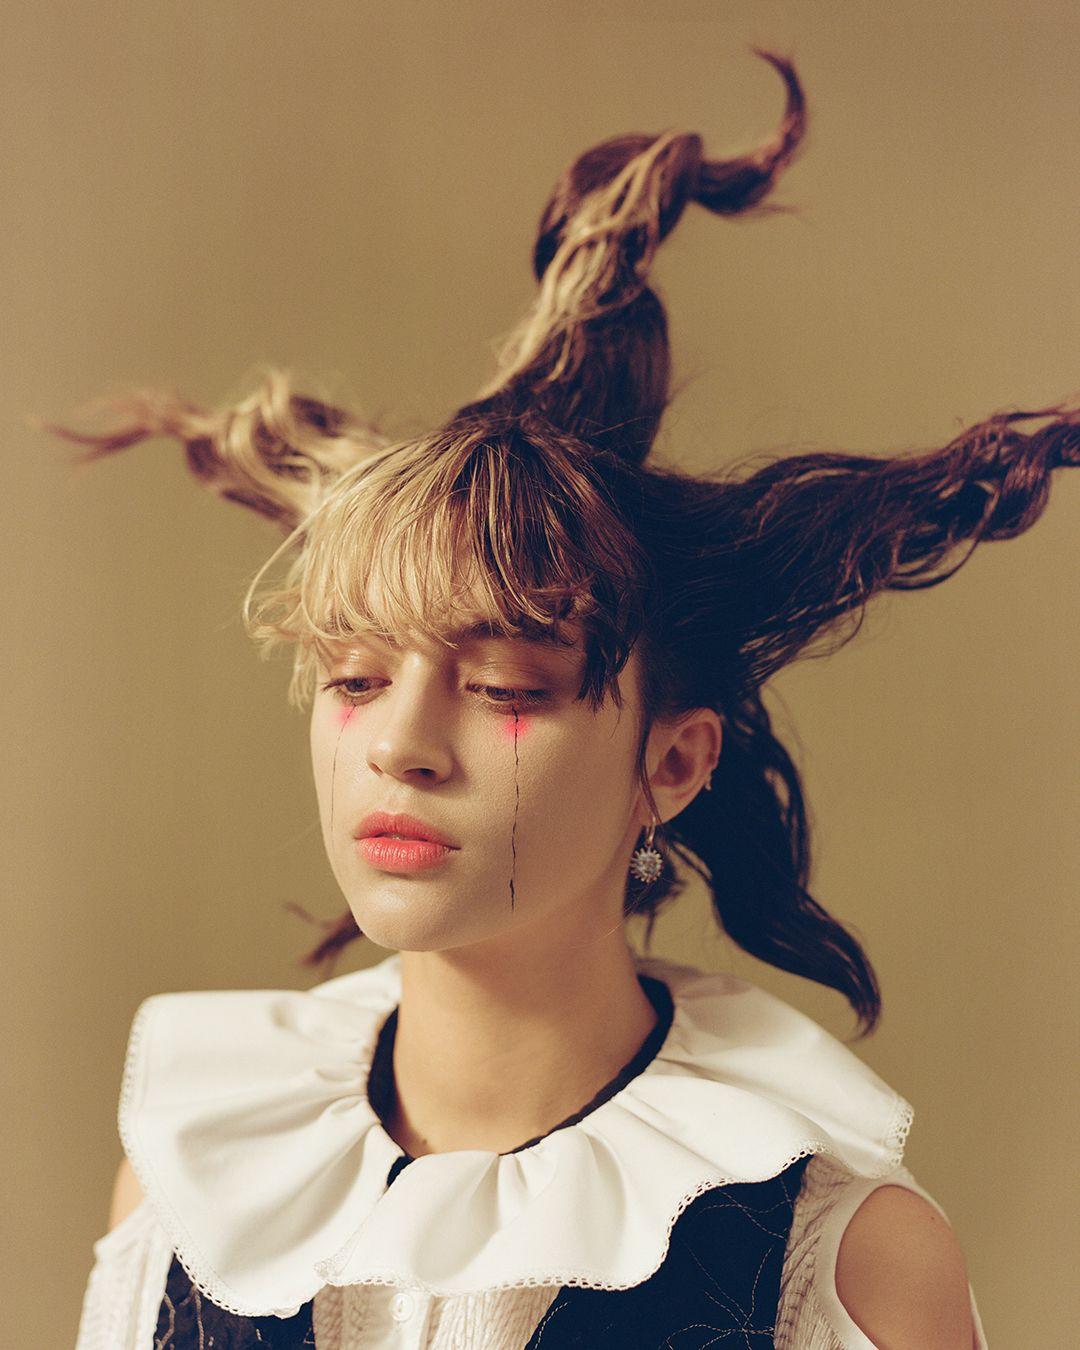 Photo de l'artiste Pomme arborant une coiffure excentrique